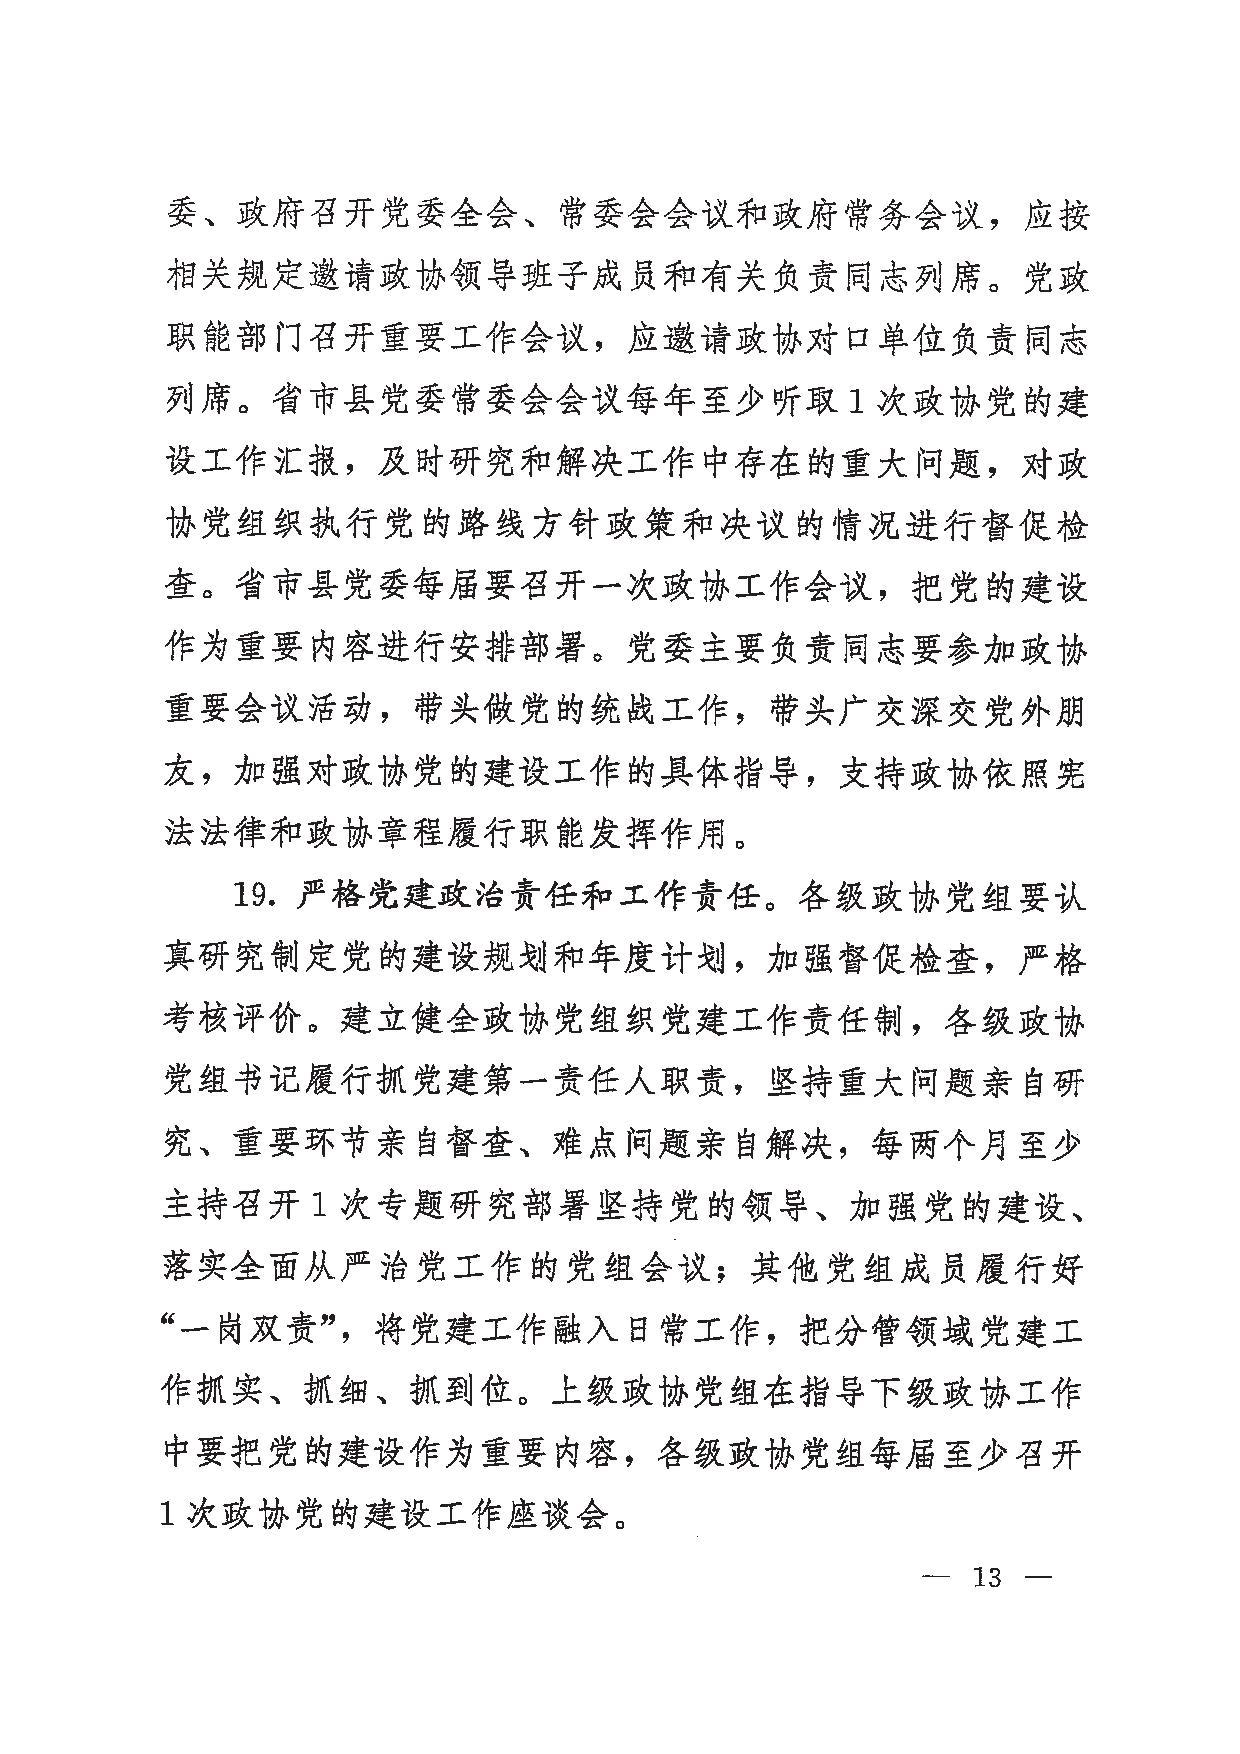 河北省委關于加強新時代人民政協黨的建設工作的實施意見-13.jpg